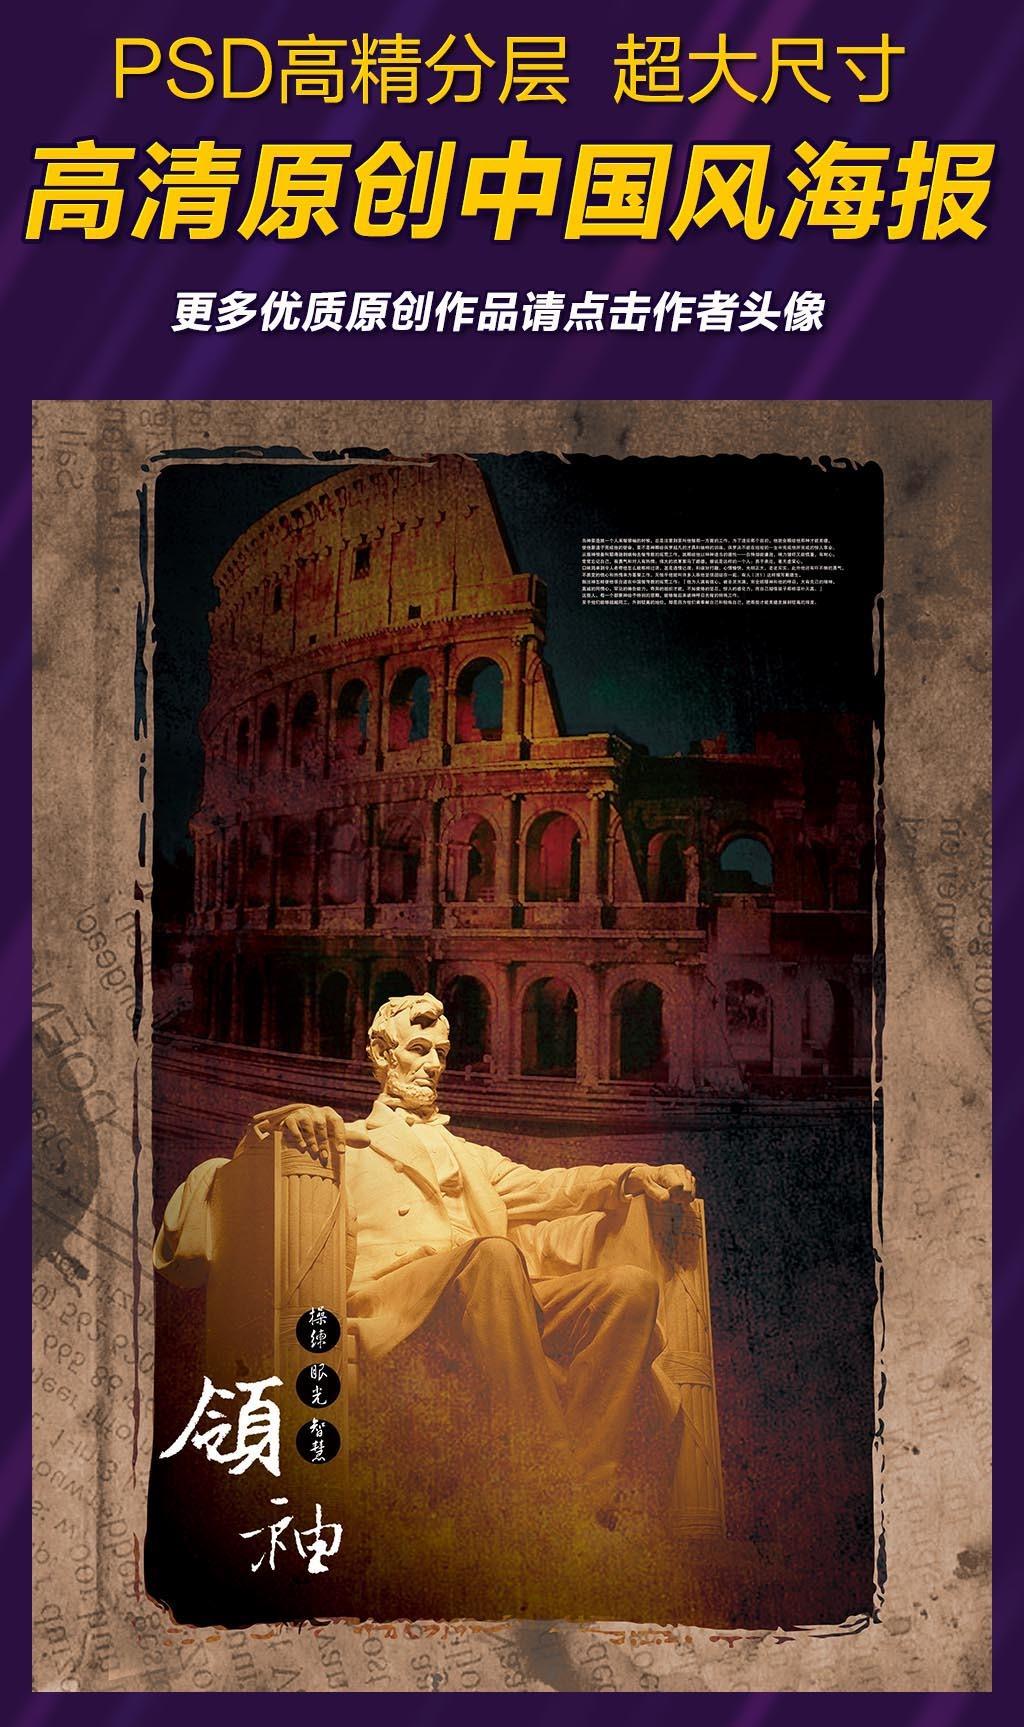 高端房地产欧式海报广告画面模板下载一